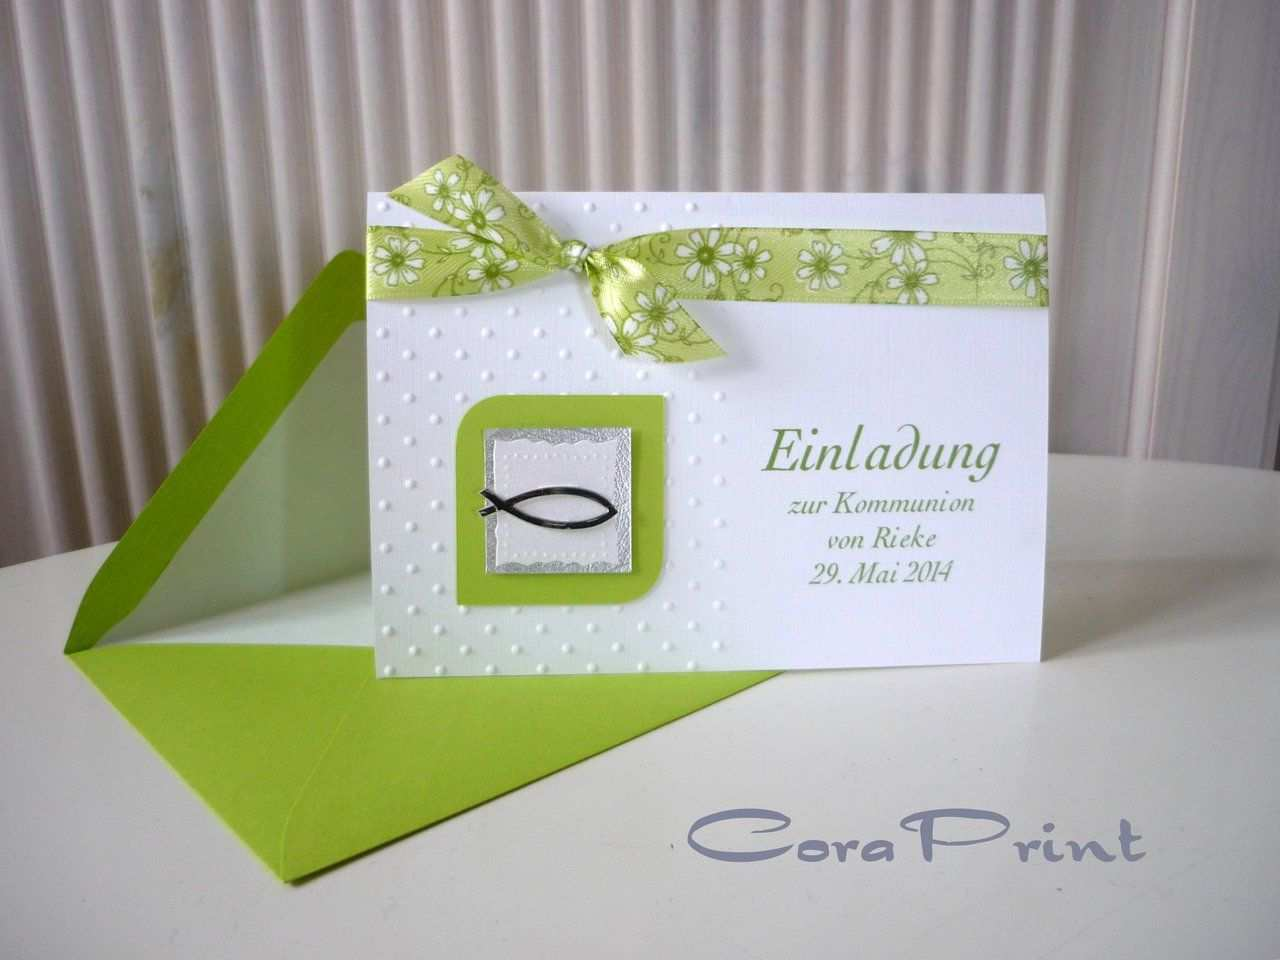 Einladungskarten Kommunion Kostenlos Zum Ausdrucken Einladung Kommunion Einladungen Einladungskarten Geburtstag Selbst Gestalten